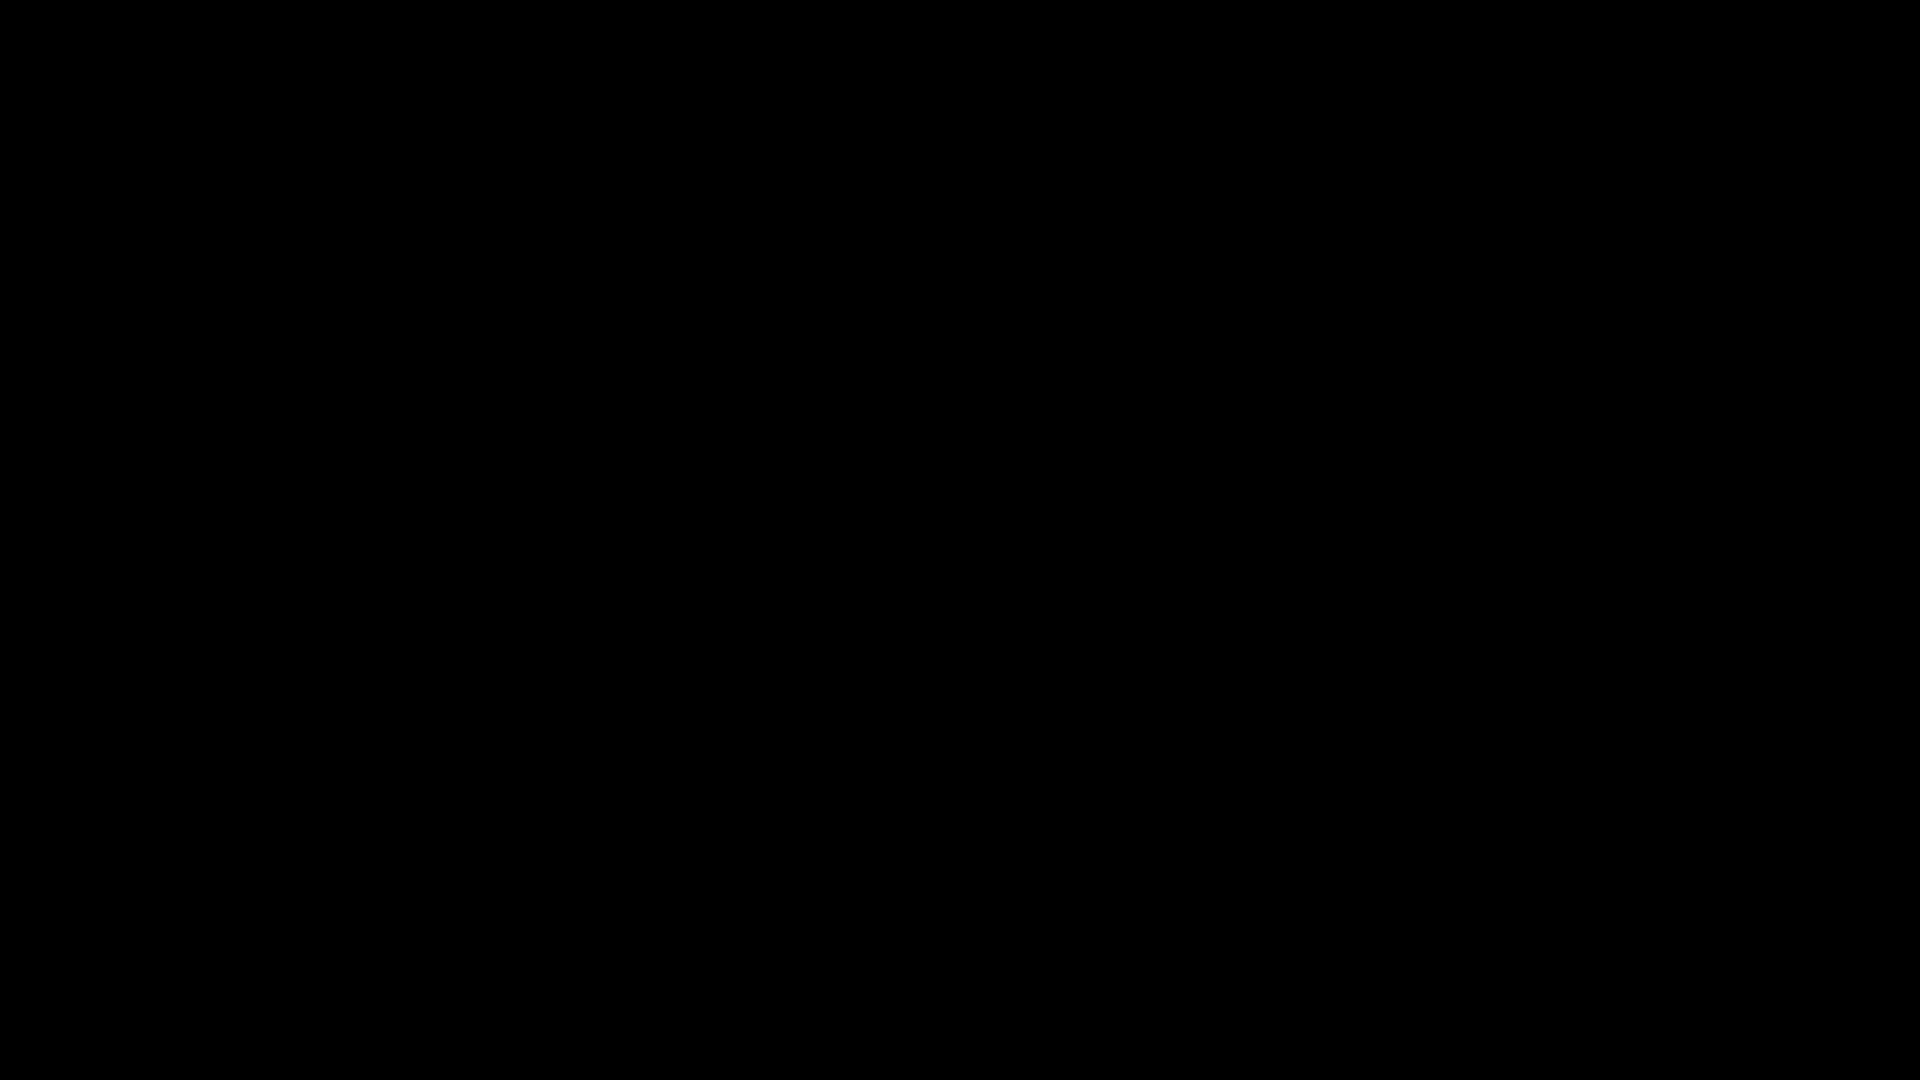 キレカワ女子大生の秘密の洗面所!Vol.045 洗面所突入 おめこ無修正画像 105pic 28